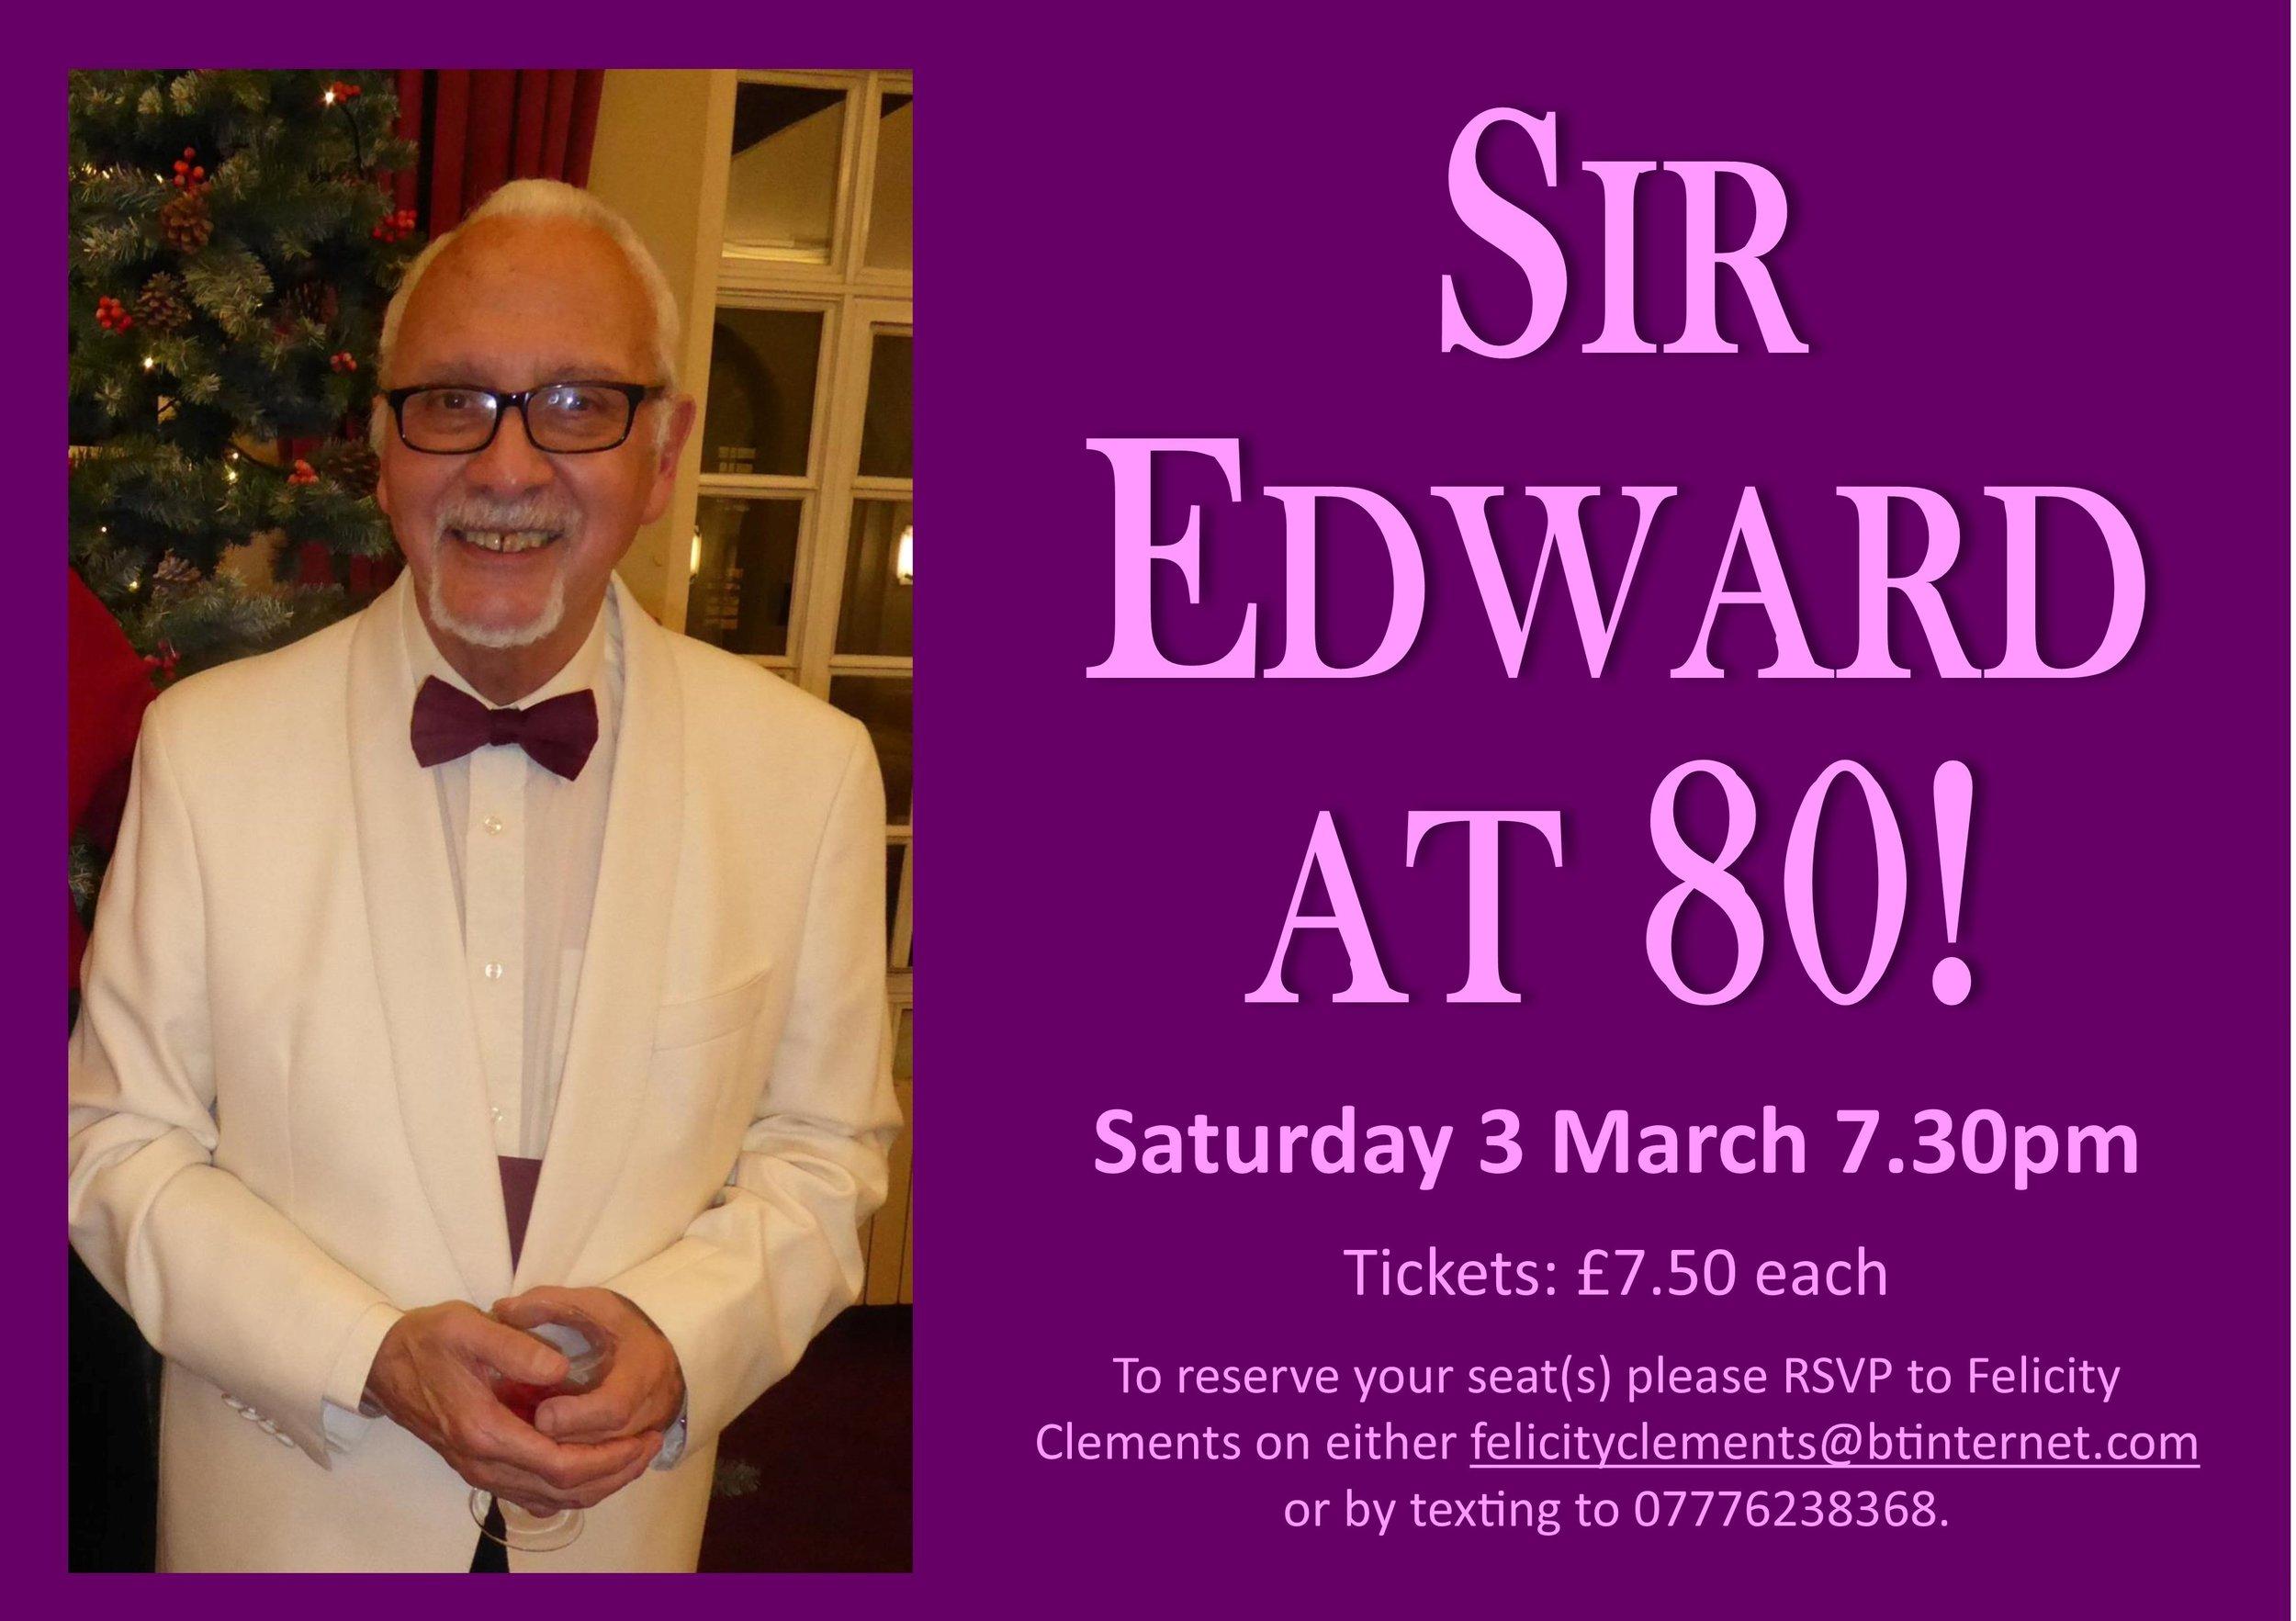 Sir Edward at 80 Image.jpg